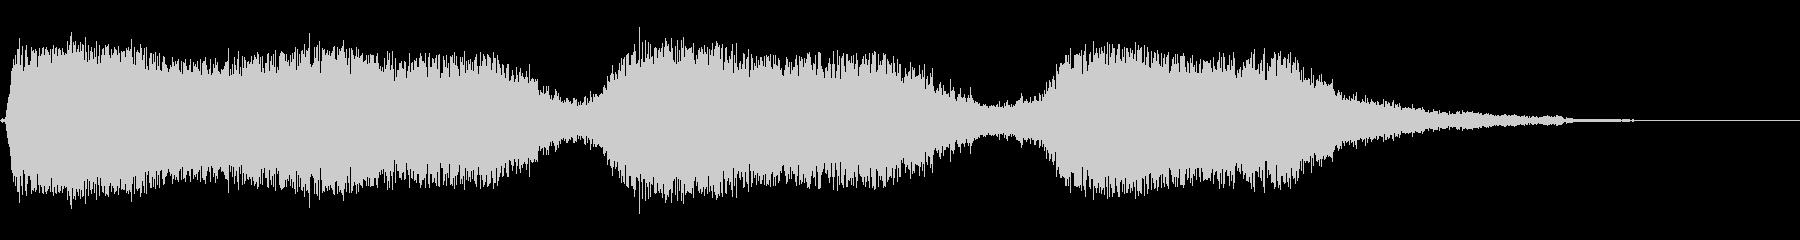 ヒュウーン(乗り物の音のような効果音)の未再生の波形